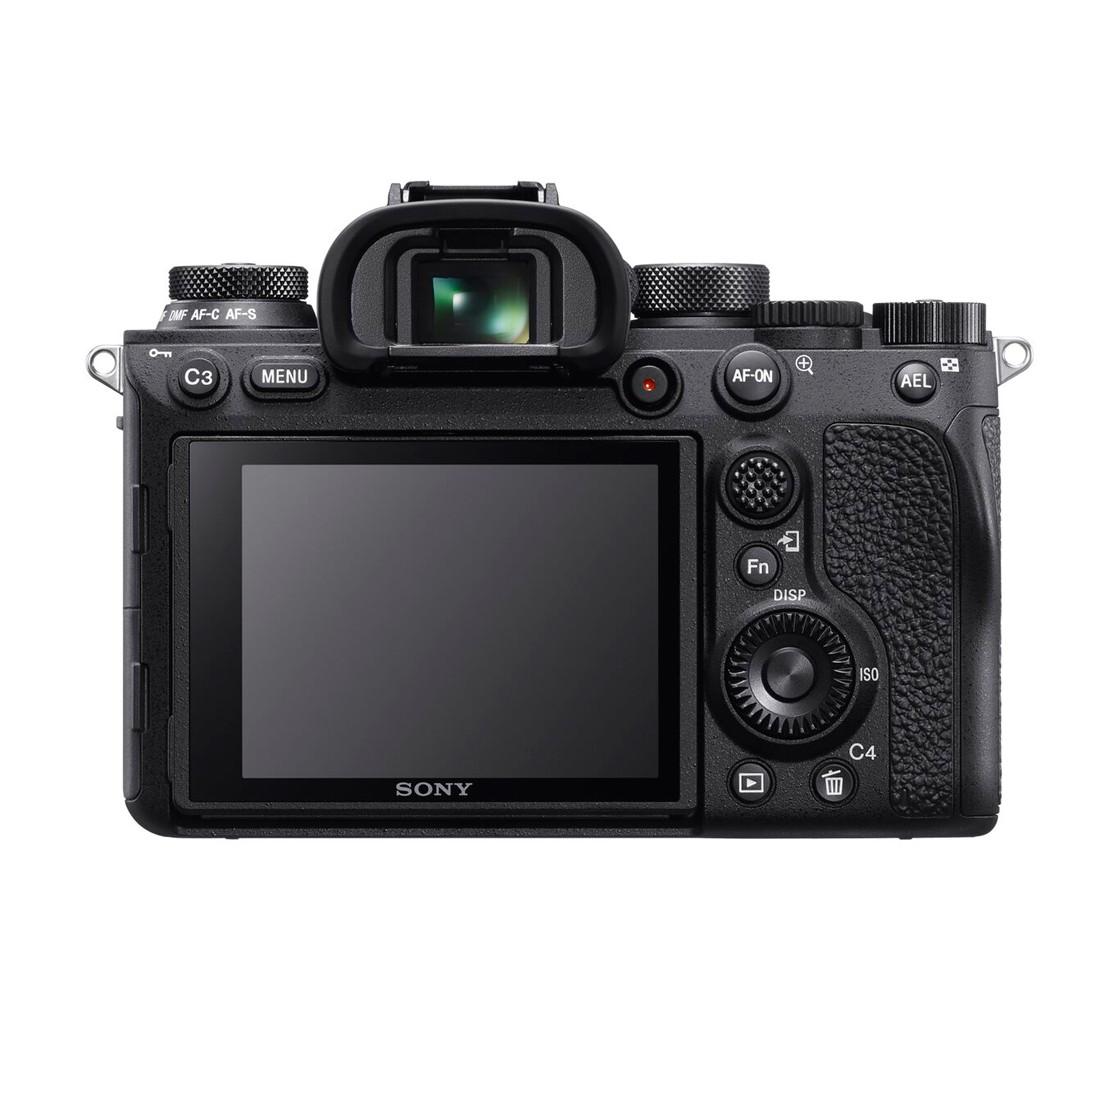 SONY ILCE-9M2 - Cámara de fotograma completo α9 II con capacidad profesional, 24.2Mp, color Negro